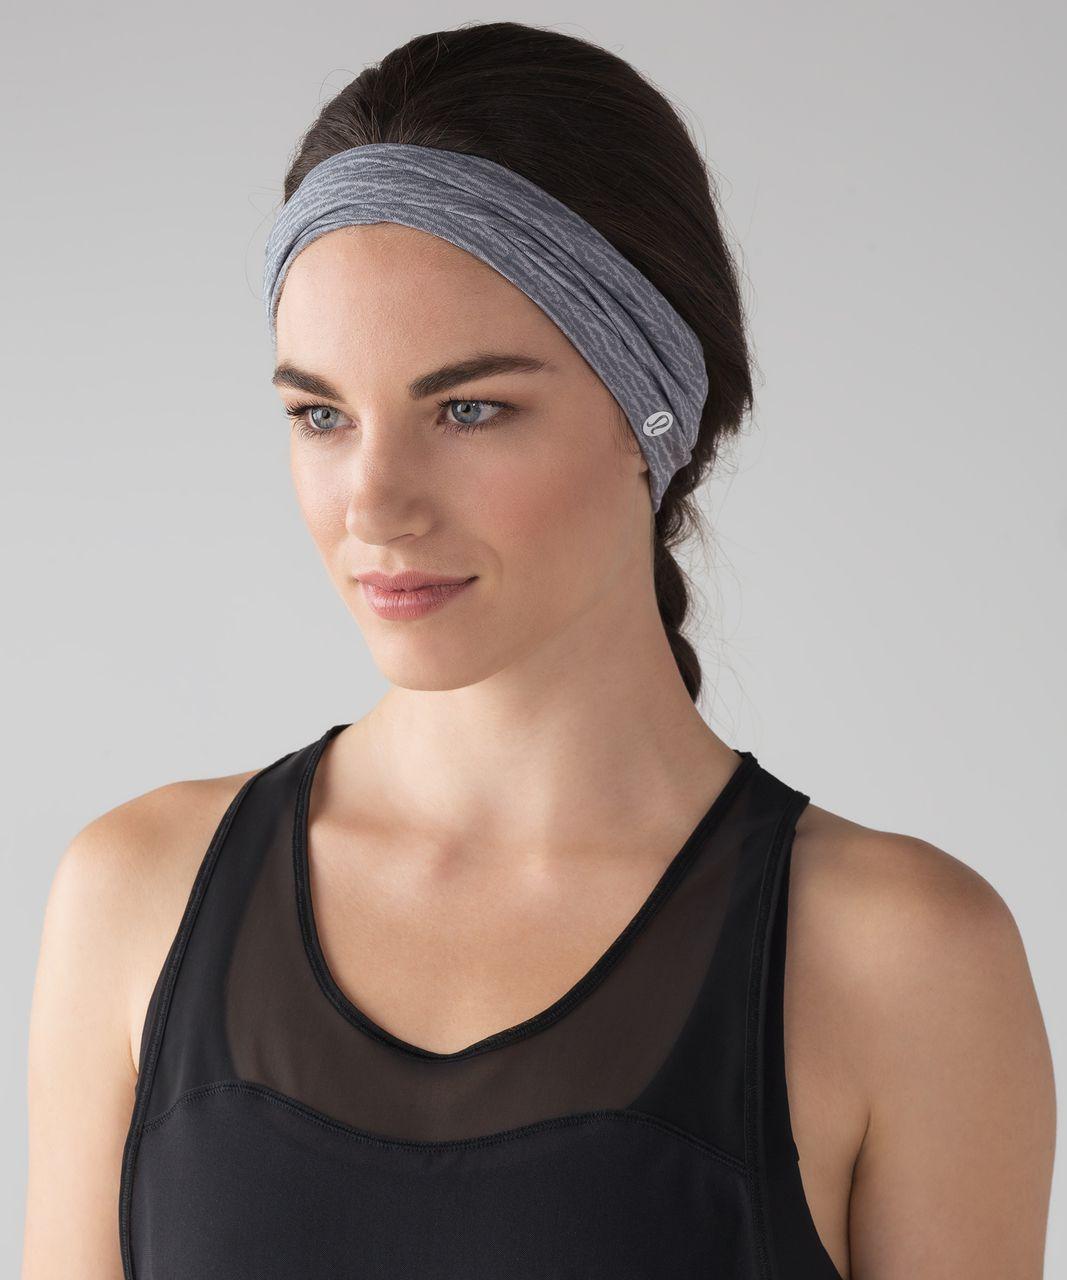 Lululemon Meshed Up Headband - Sheer Luon Pebble Jacquard V2 Arctic Grey Ice Grey / White